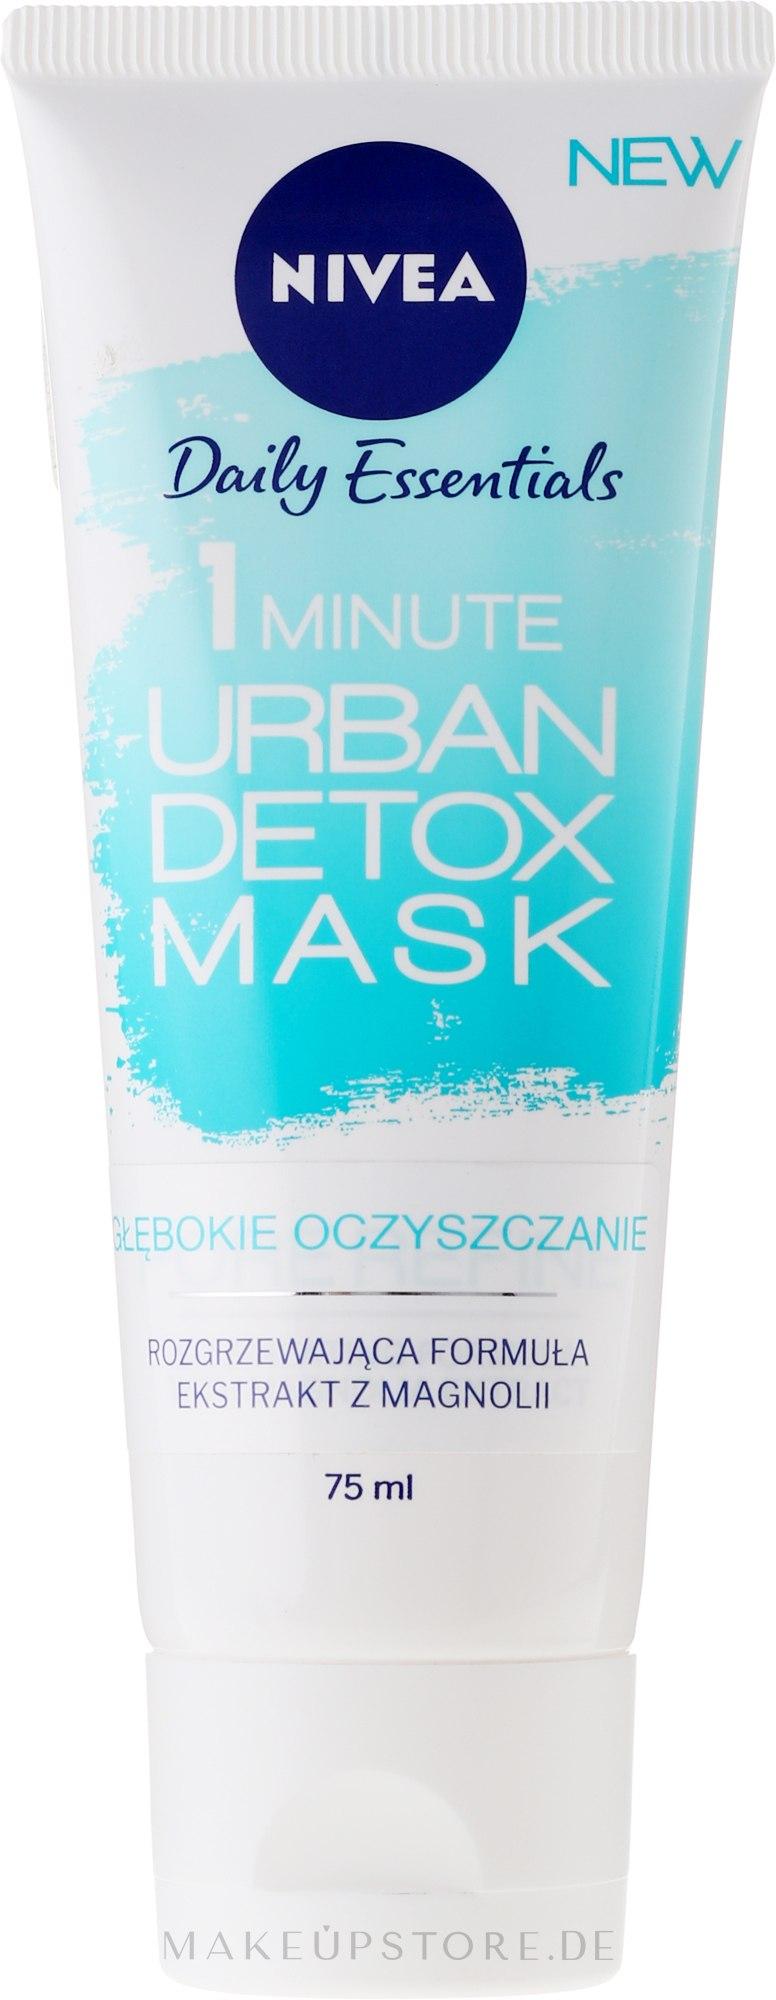 Porenverfeinernde Detox Gesichtsmaske mit Magnolienextrakt - Nivea Daily Essentials 1 Minute Urban Detox Mask — Bild 75 ml